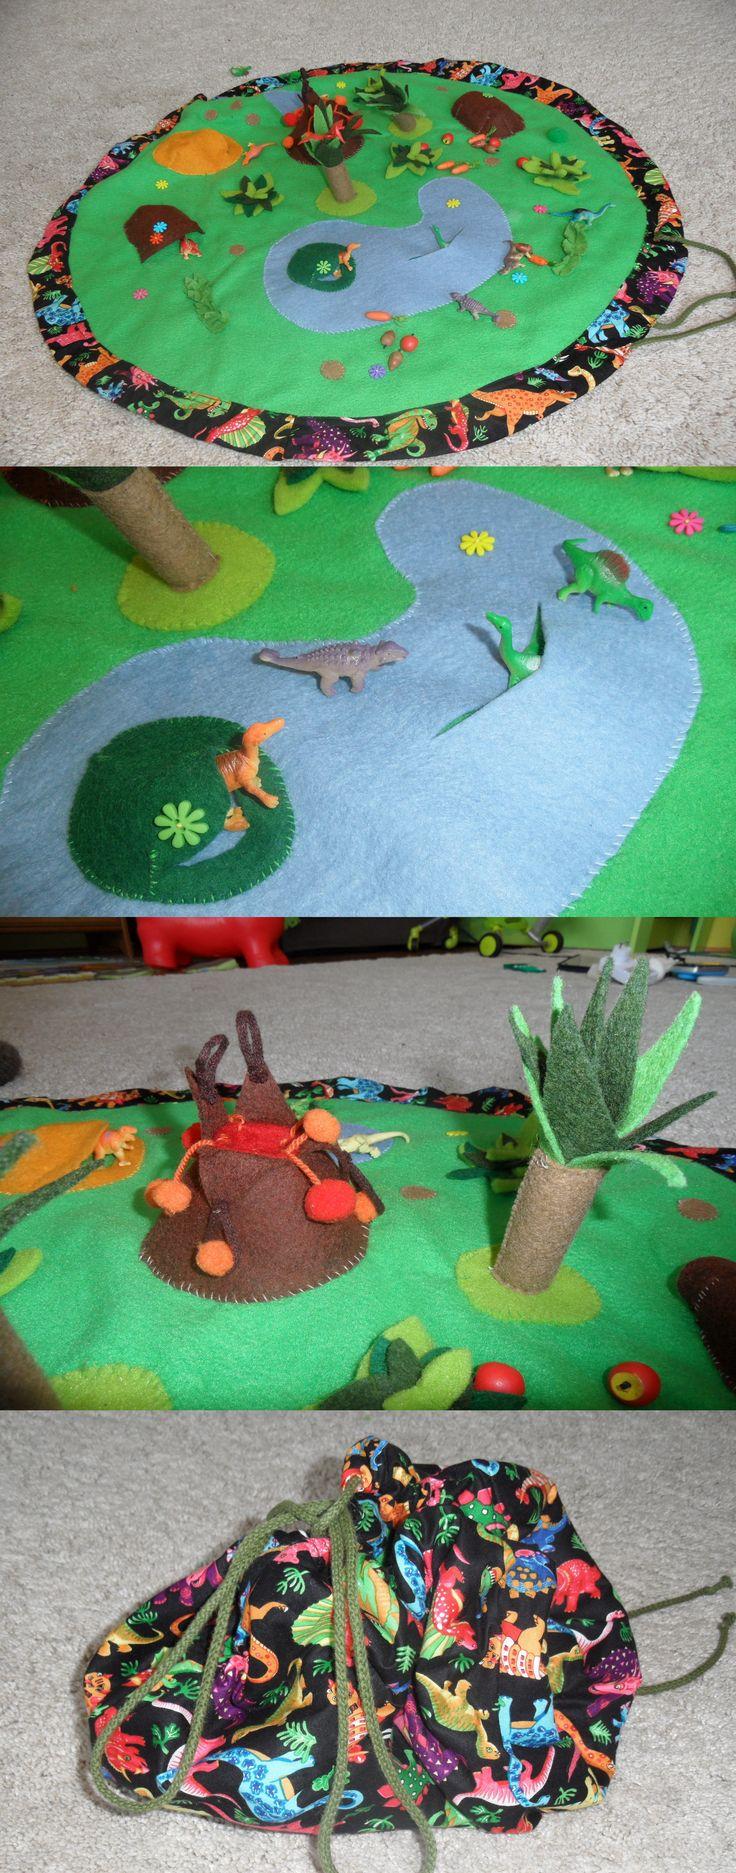 Dinosaur play mat by HobbiZsó